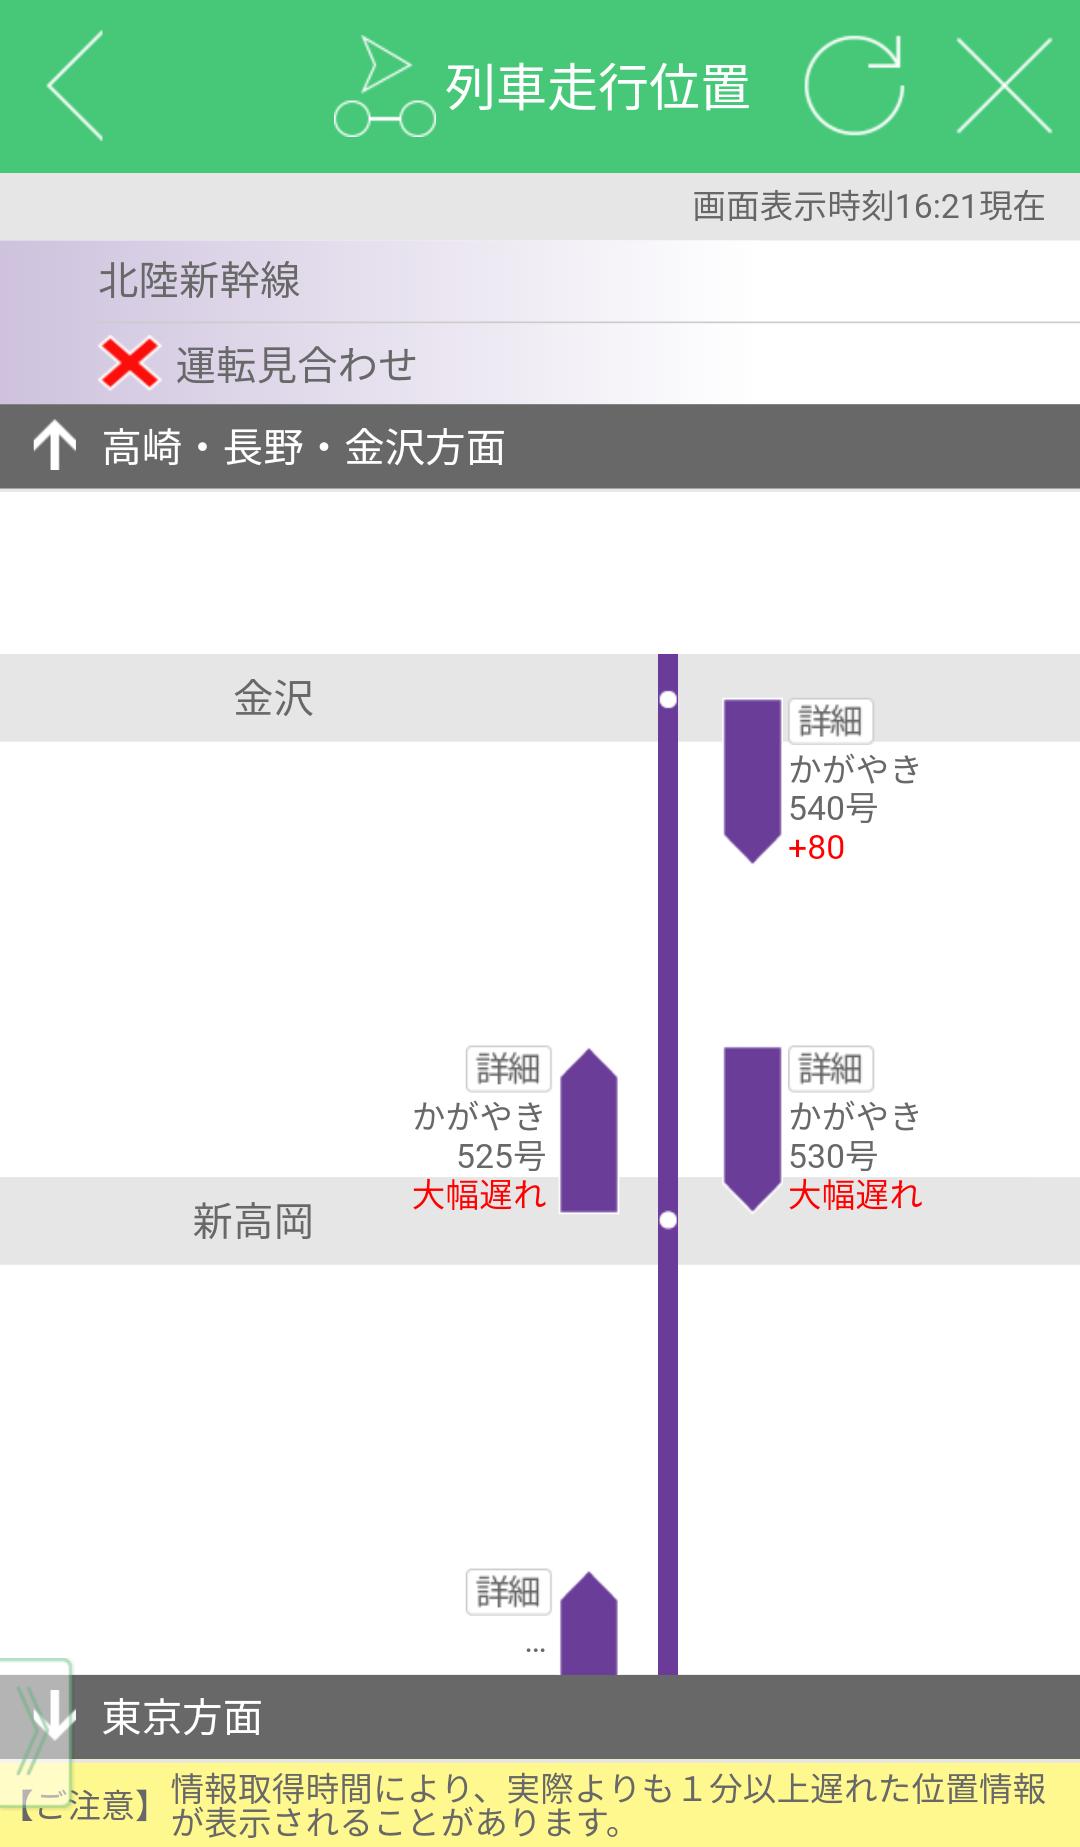 JR東日本アプリ画面